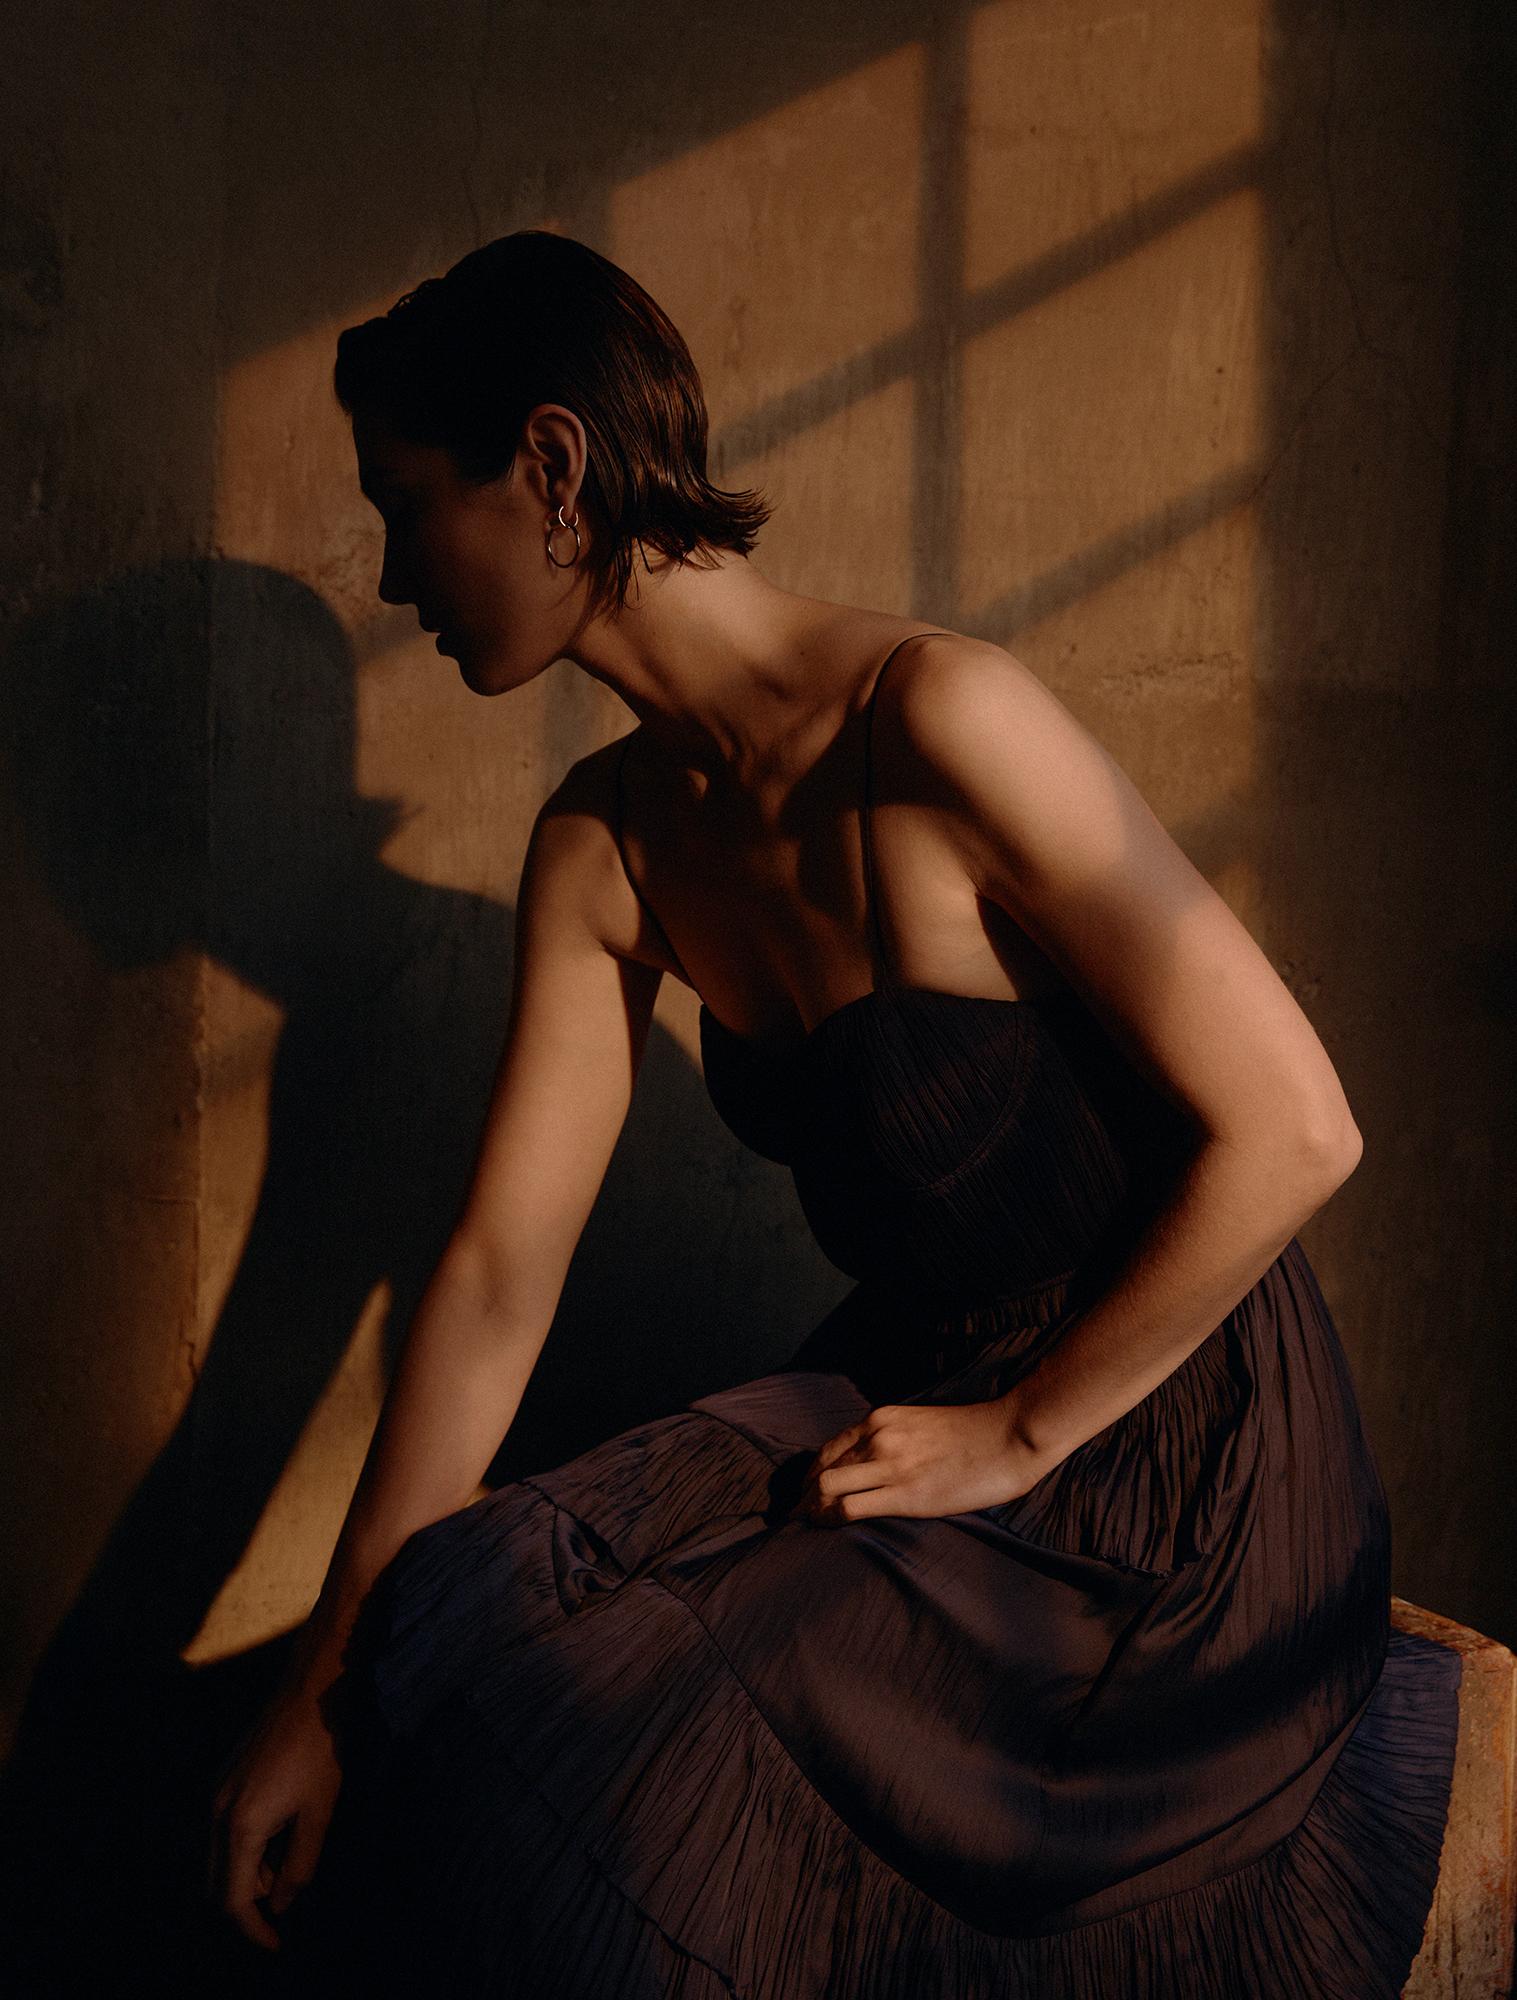 Dress by   ULLA JOHNSON  ; Earrings by   JENNY BIRD